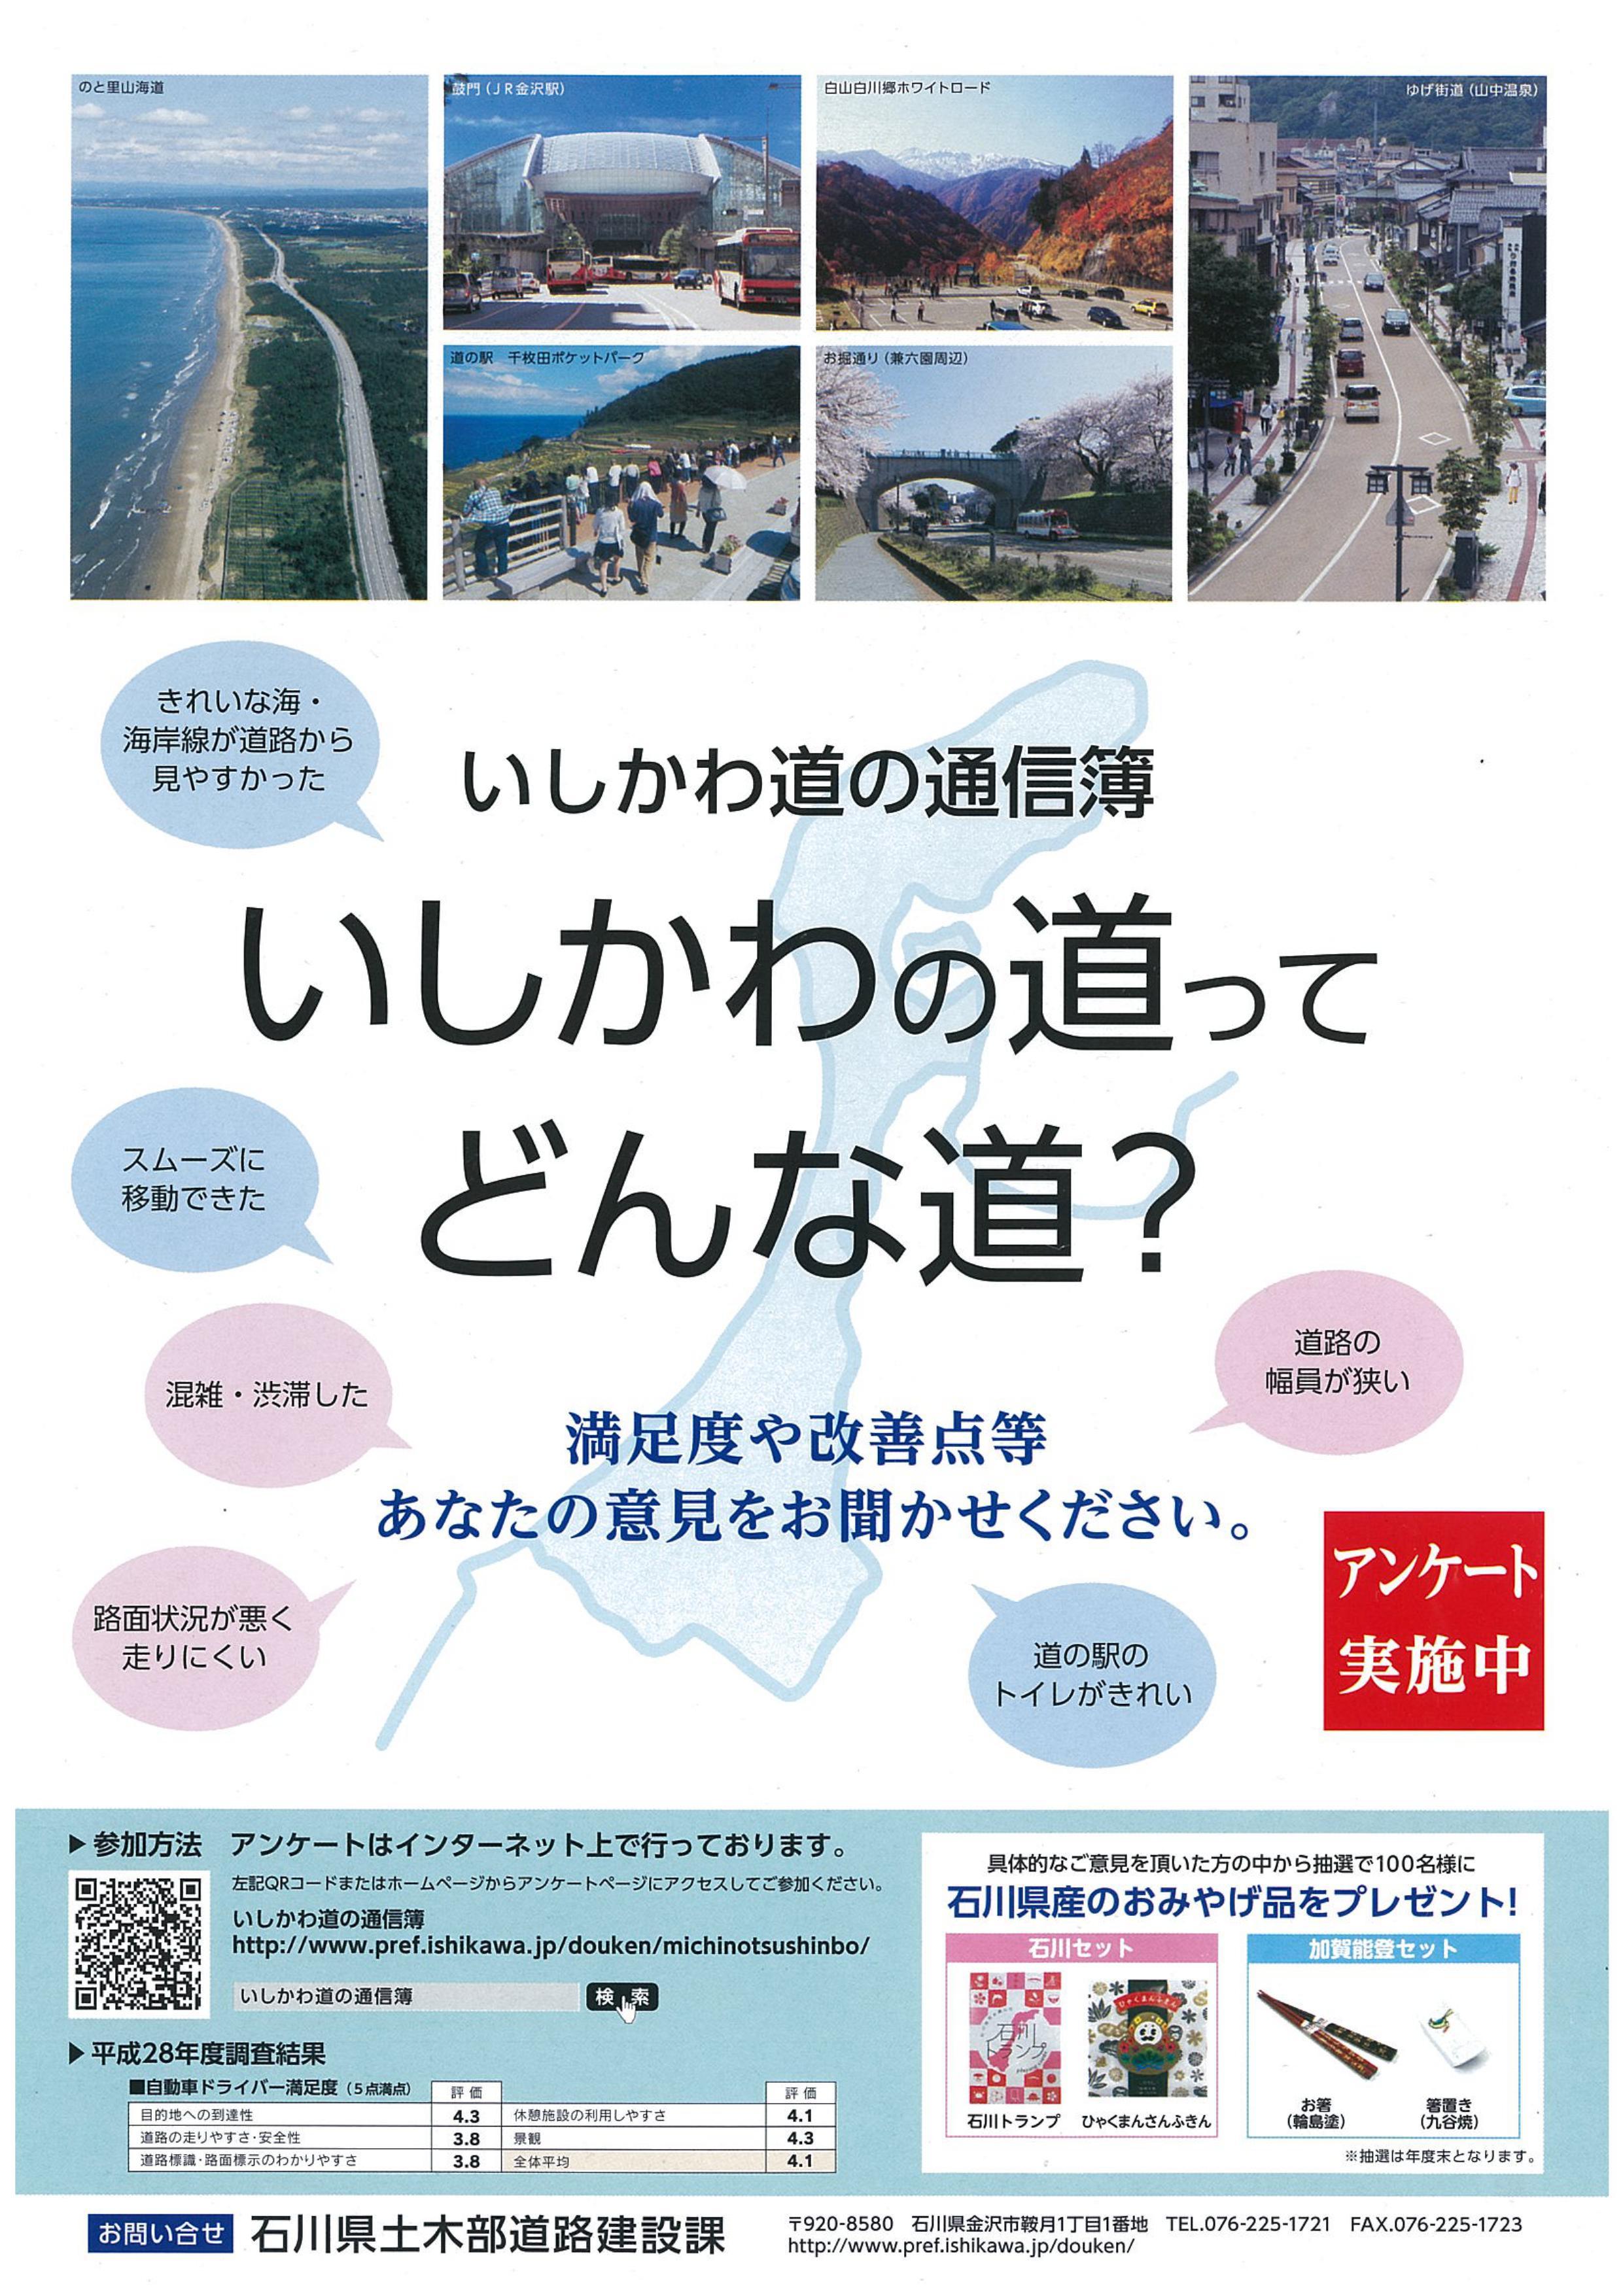 石川県土木道路建設課キャンペーン景品